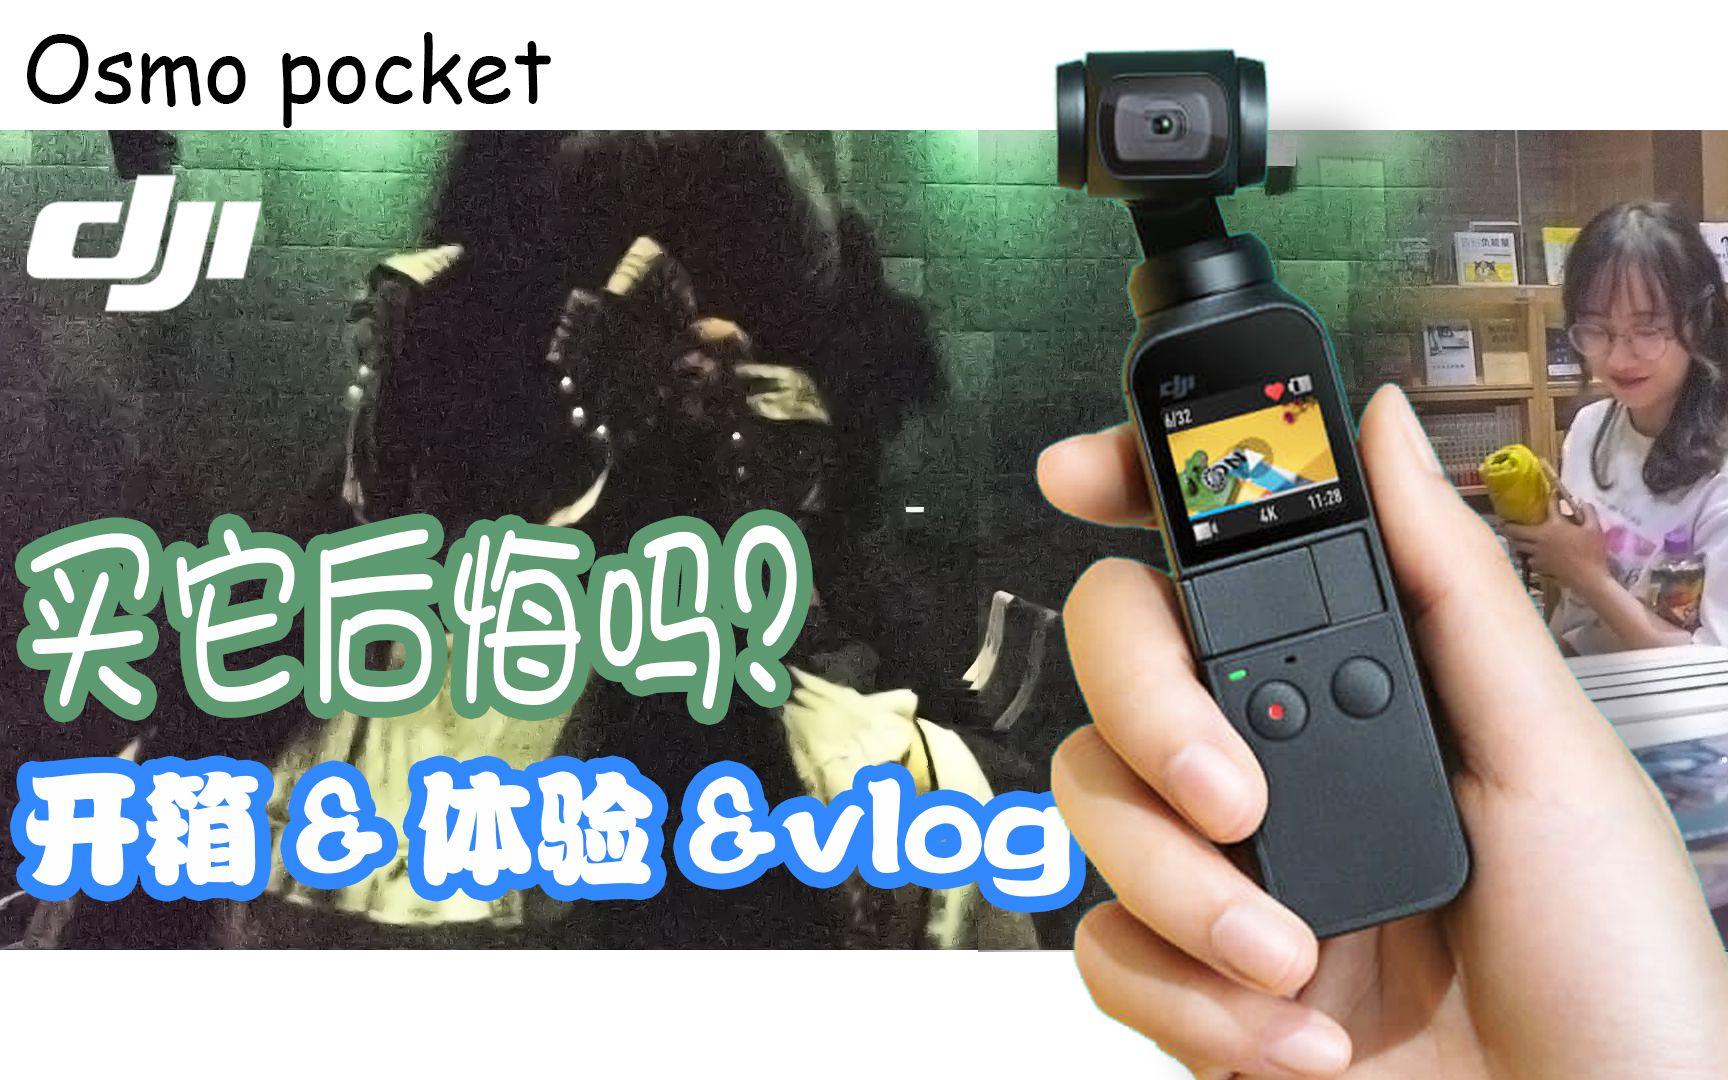 穷苦大学生一只vlog告诉你大疆口袋灵眸到底该不该入手Osmo Pocket开箱快速上手实拍